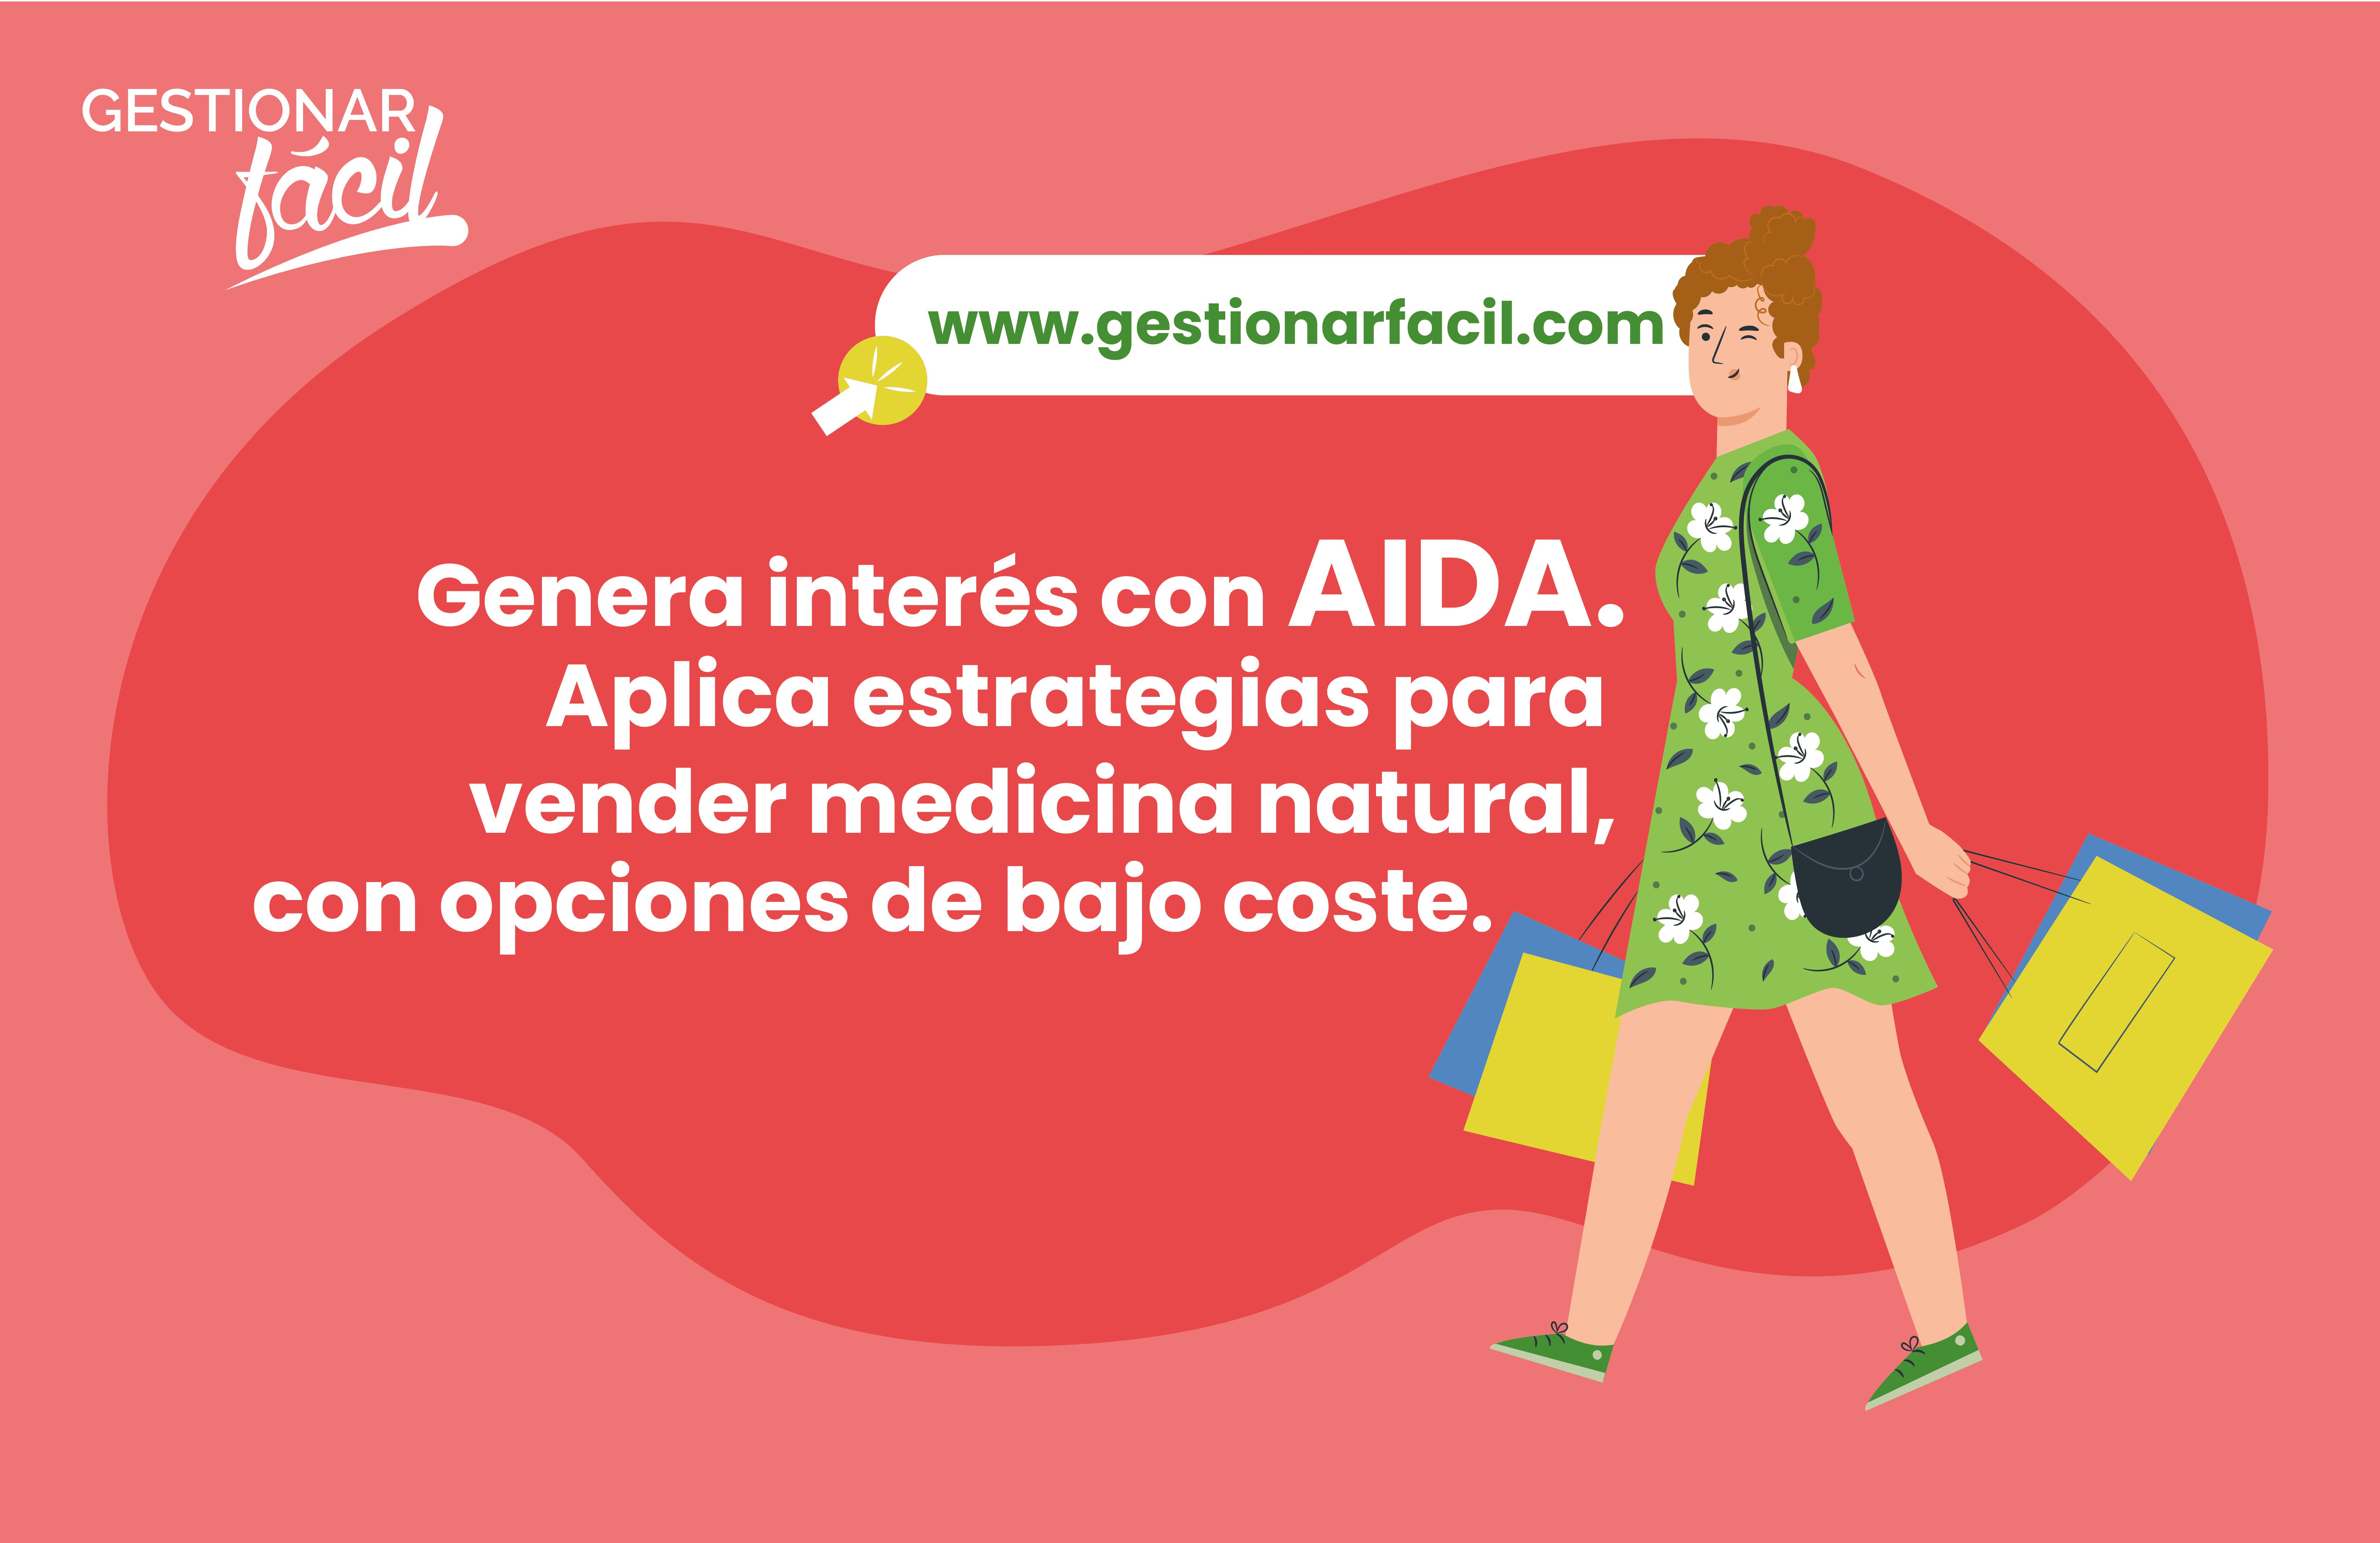 Genera interés con AIDA. Aplica estrategias para vender medicina natural, con opciones de bajo coste.